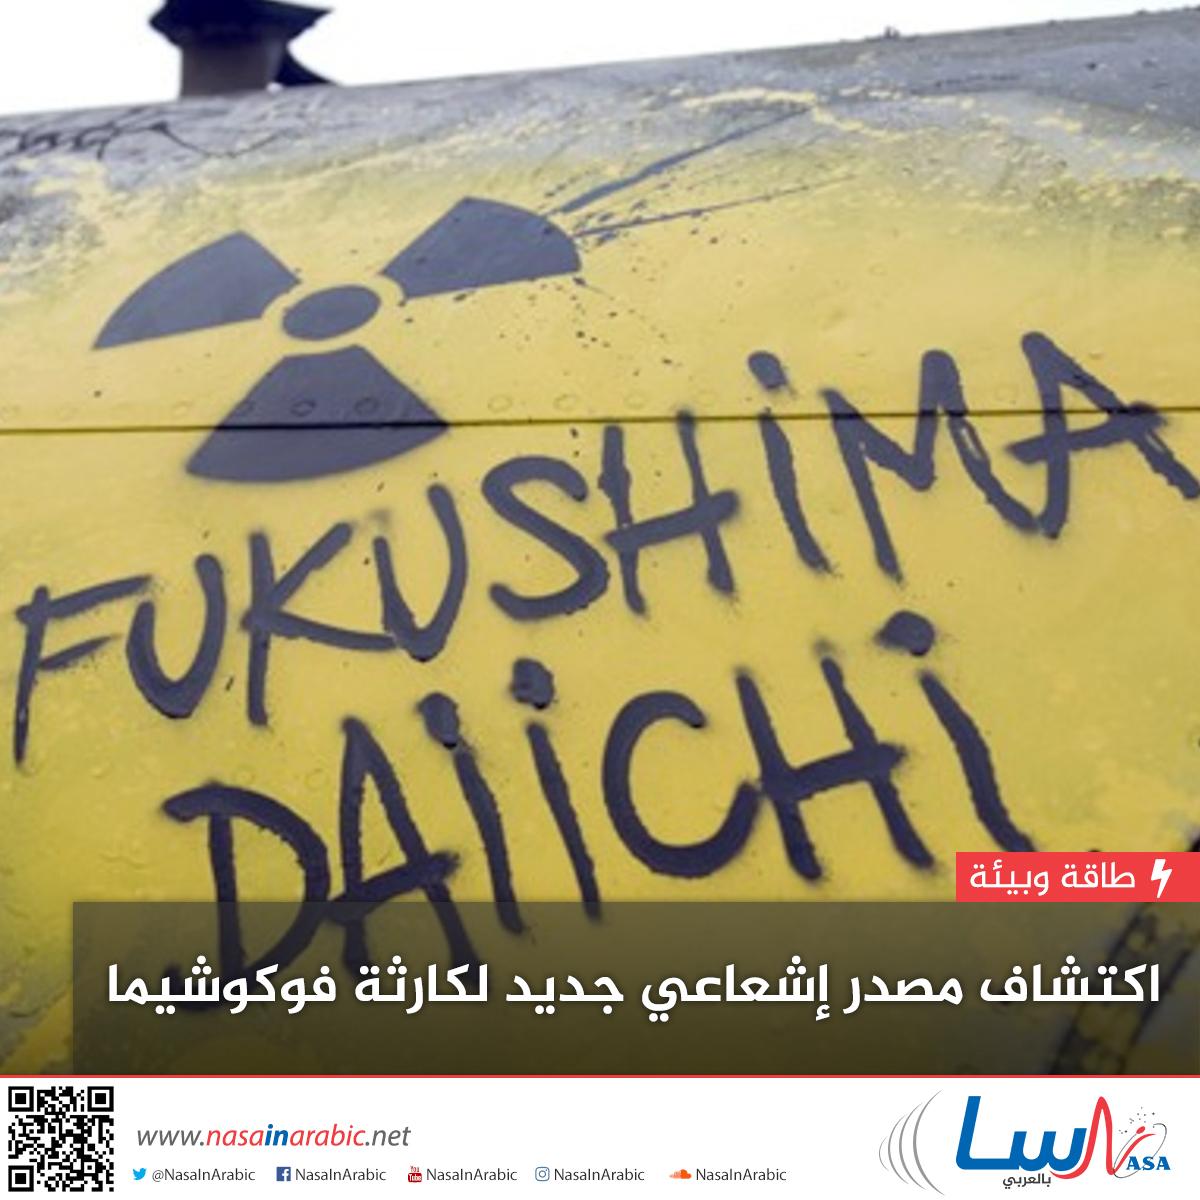 اكتشاف مصدر إشعاعي جديد لكارثة فوكوشيما